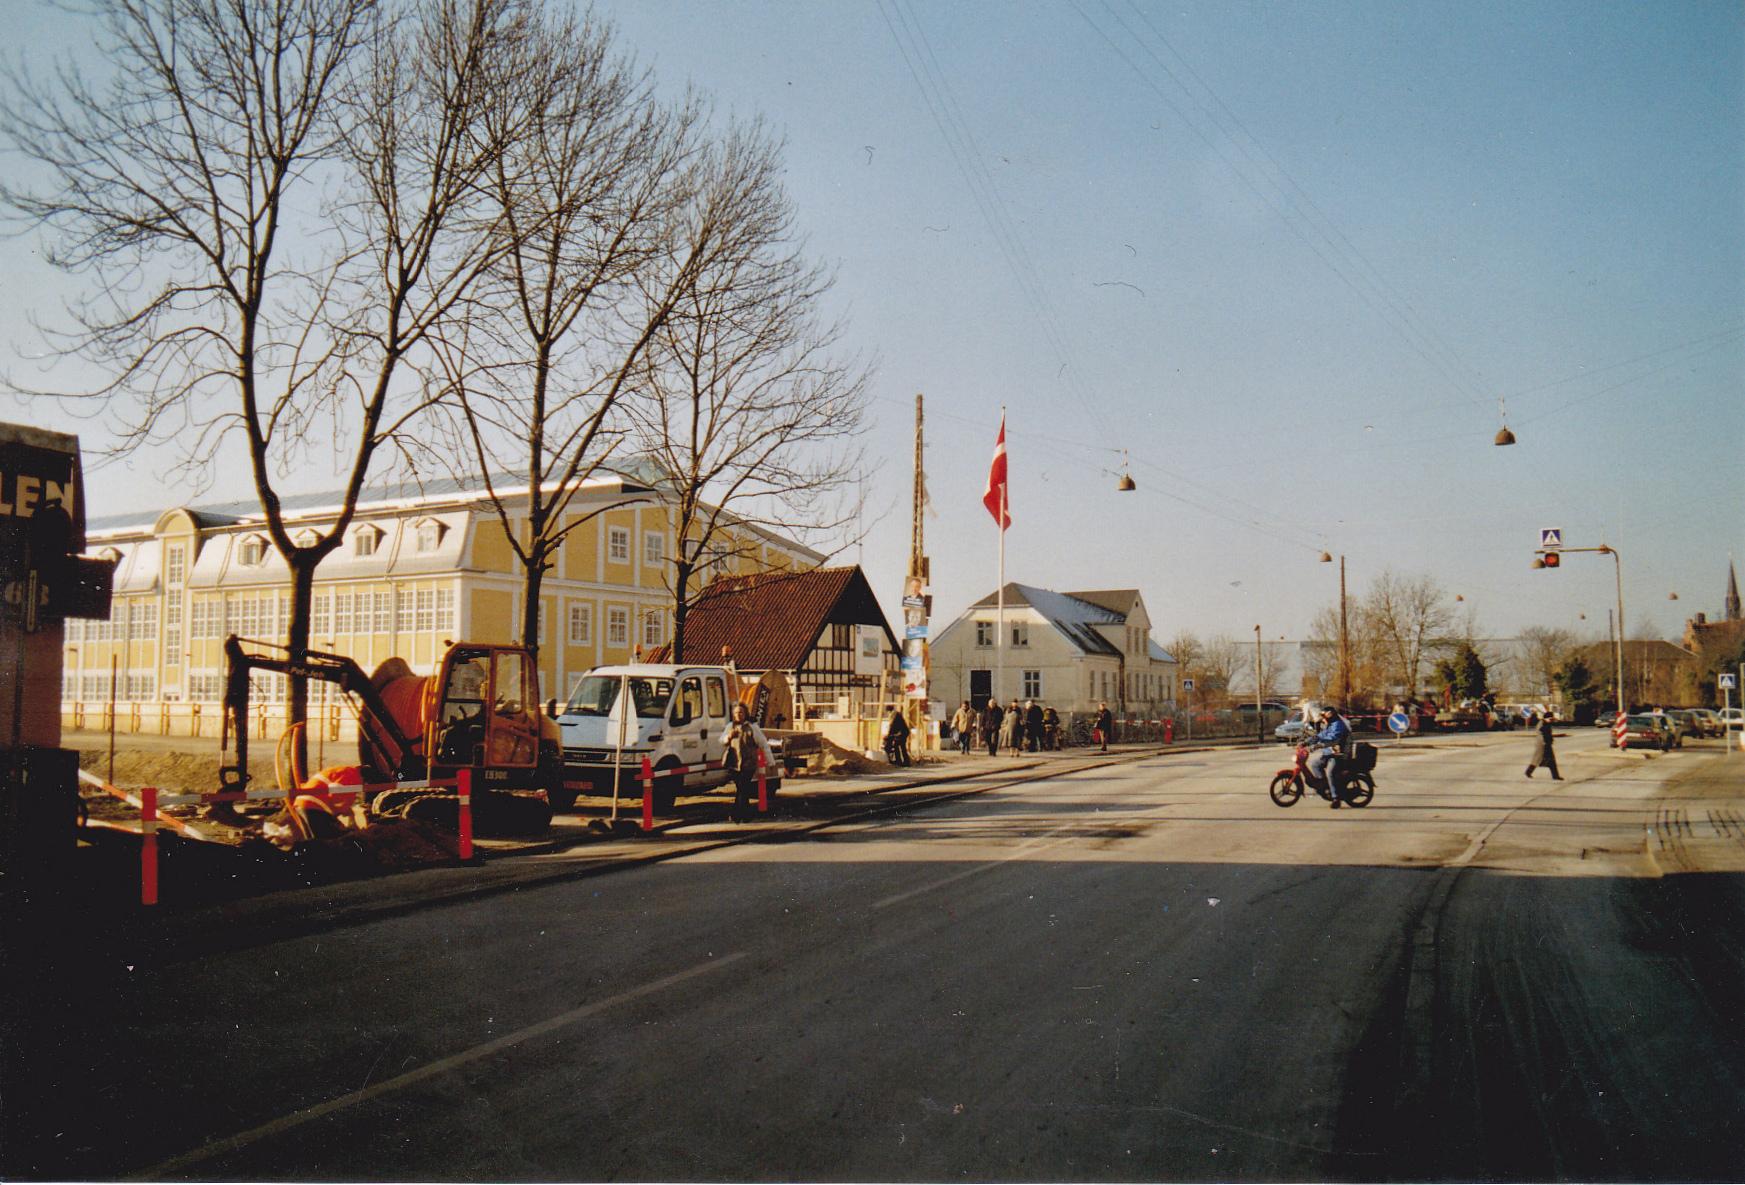 Indvielsen af Valby Skole i 2005. Foto: Hans Otto Lindgren